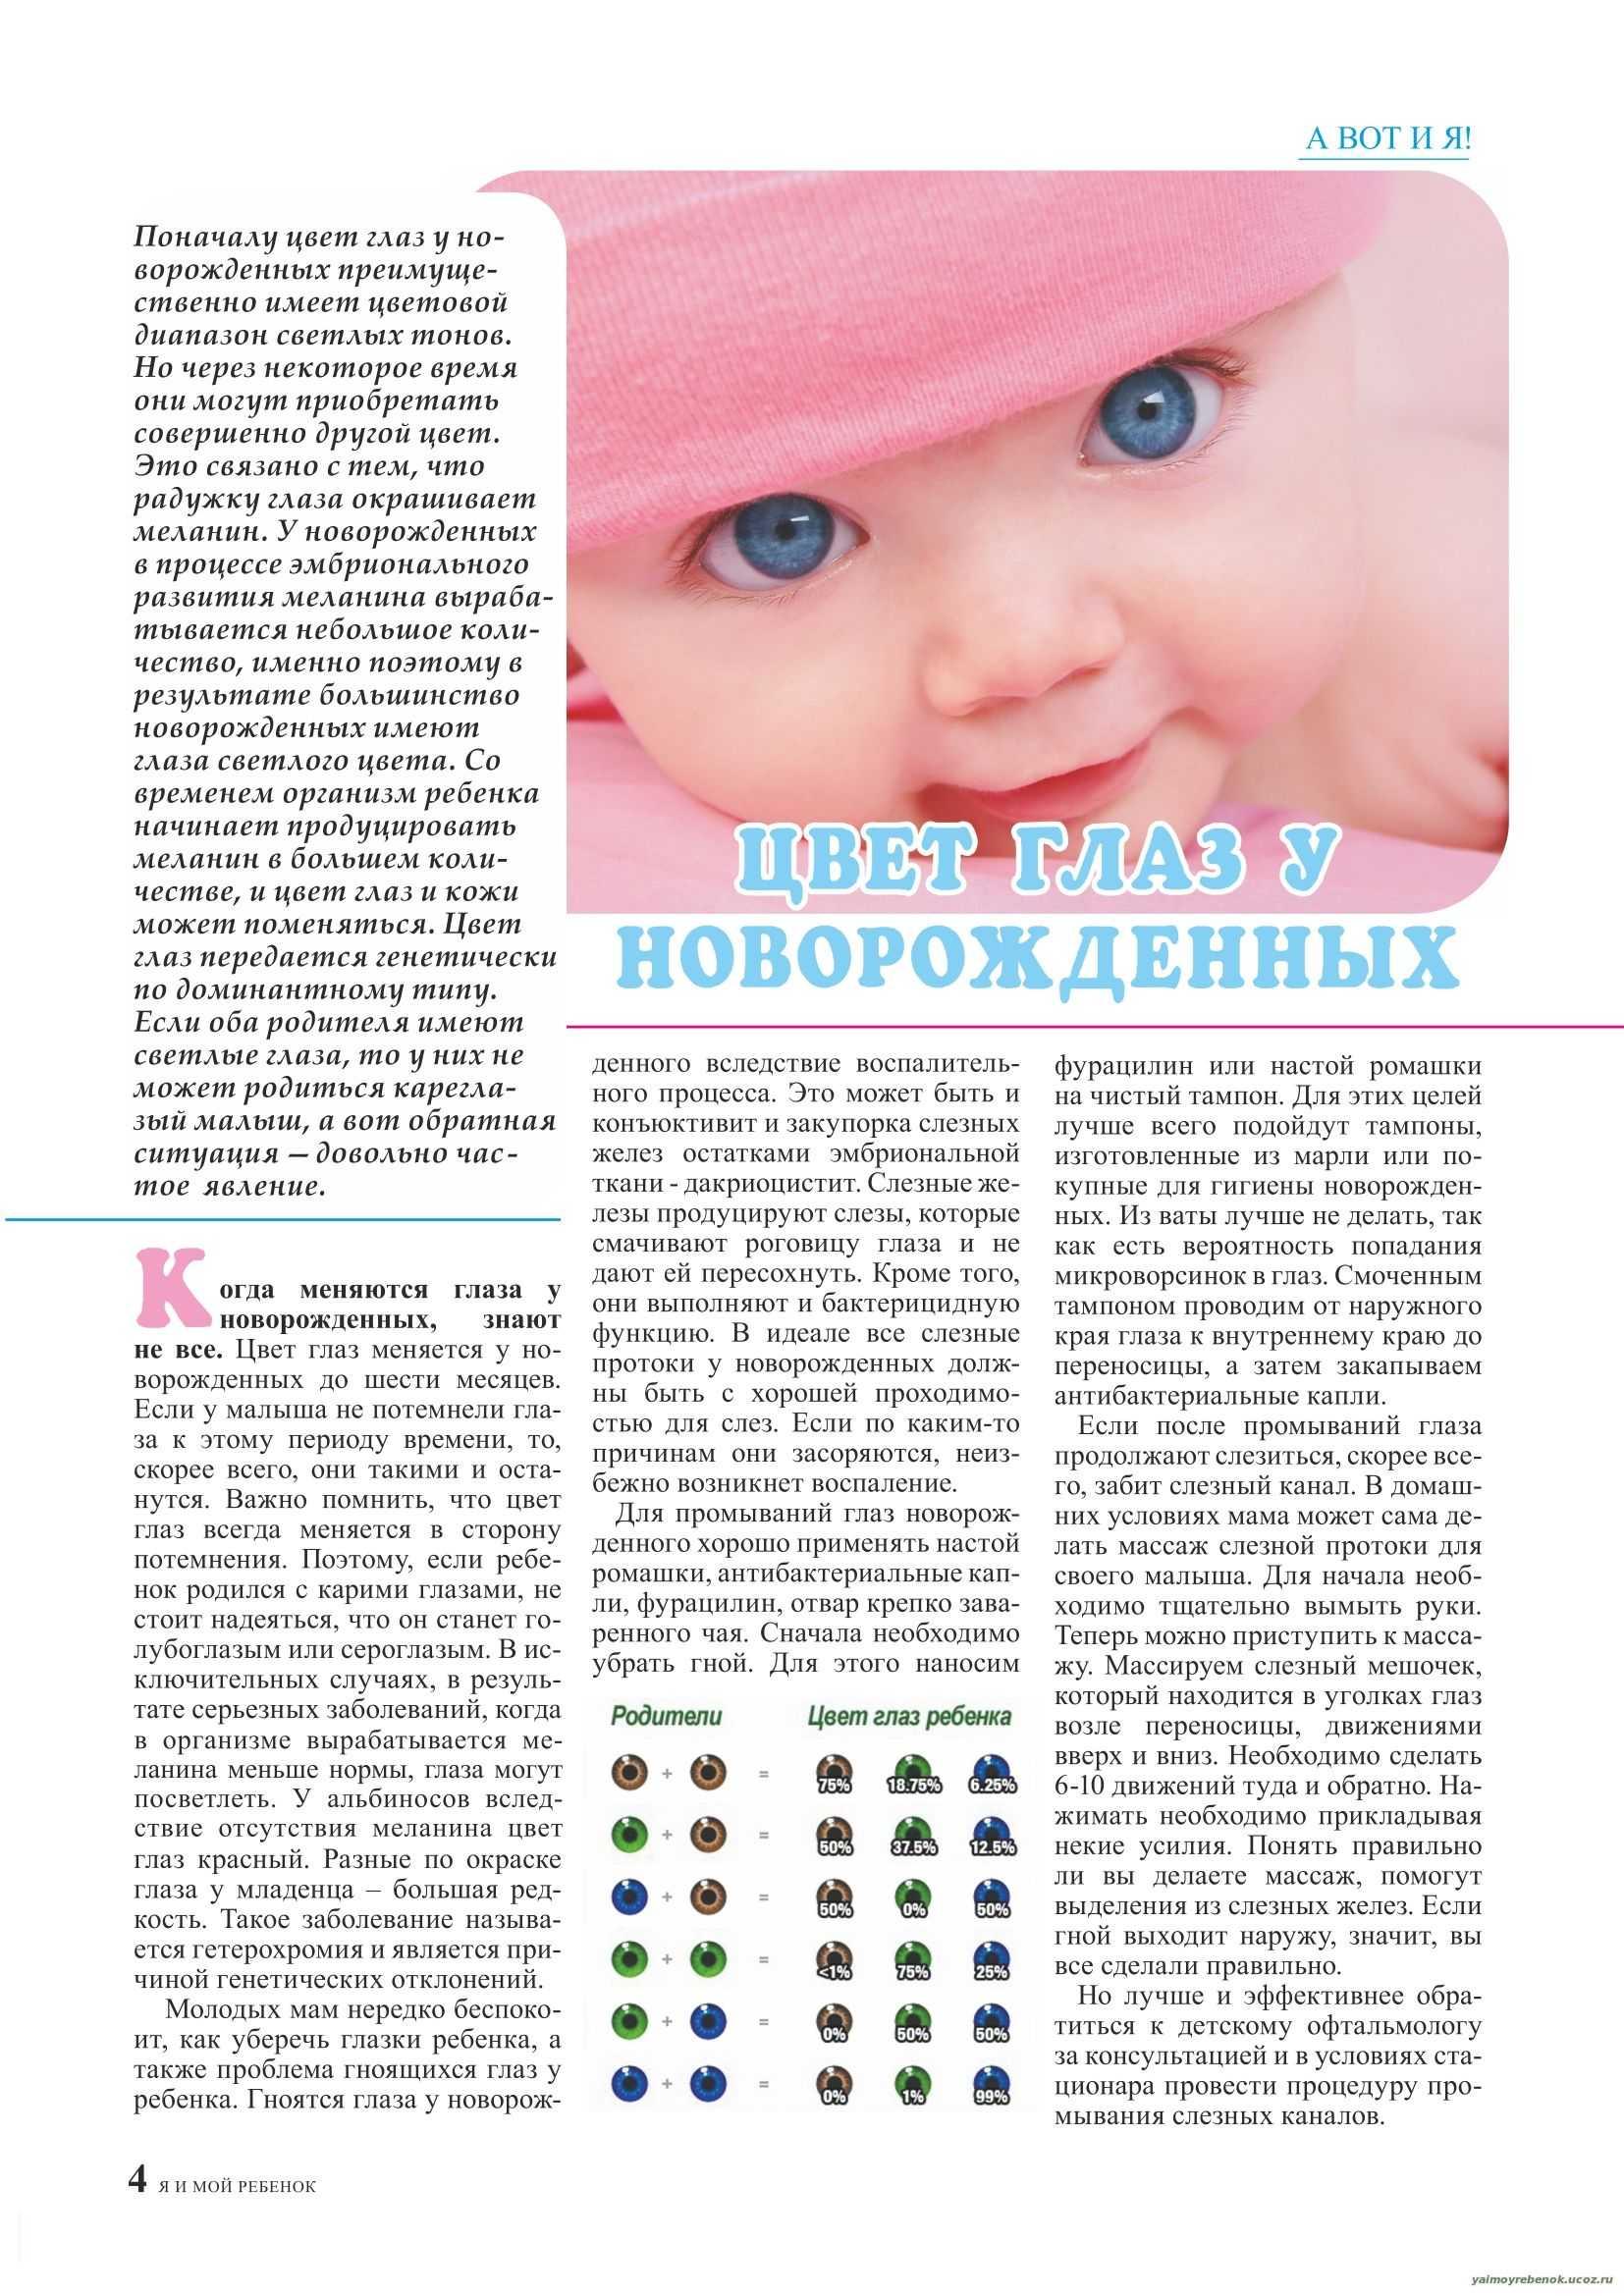 Когда меняются глаза у новорожденного, каким будет цвет глаз? научные данные о том, когда меняются глаза у новорожденных - автор екатерина данилова - журнал женское мнение